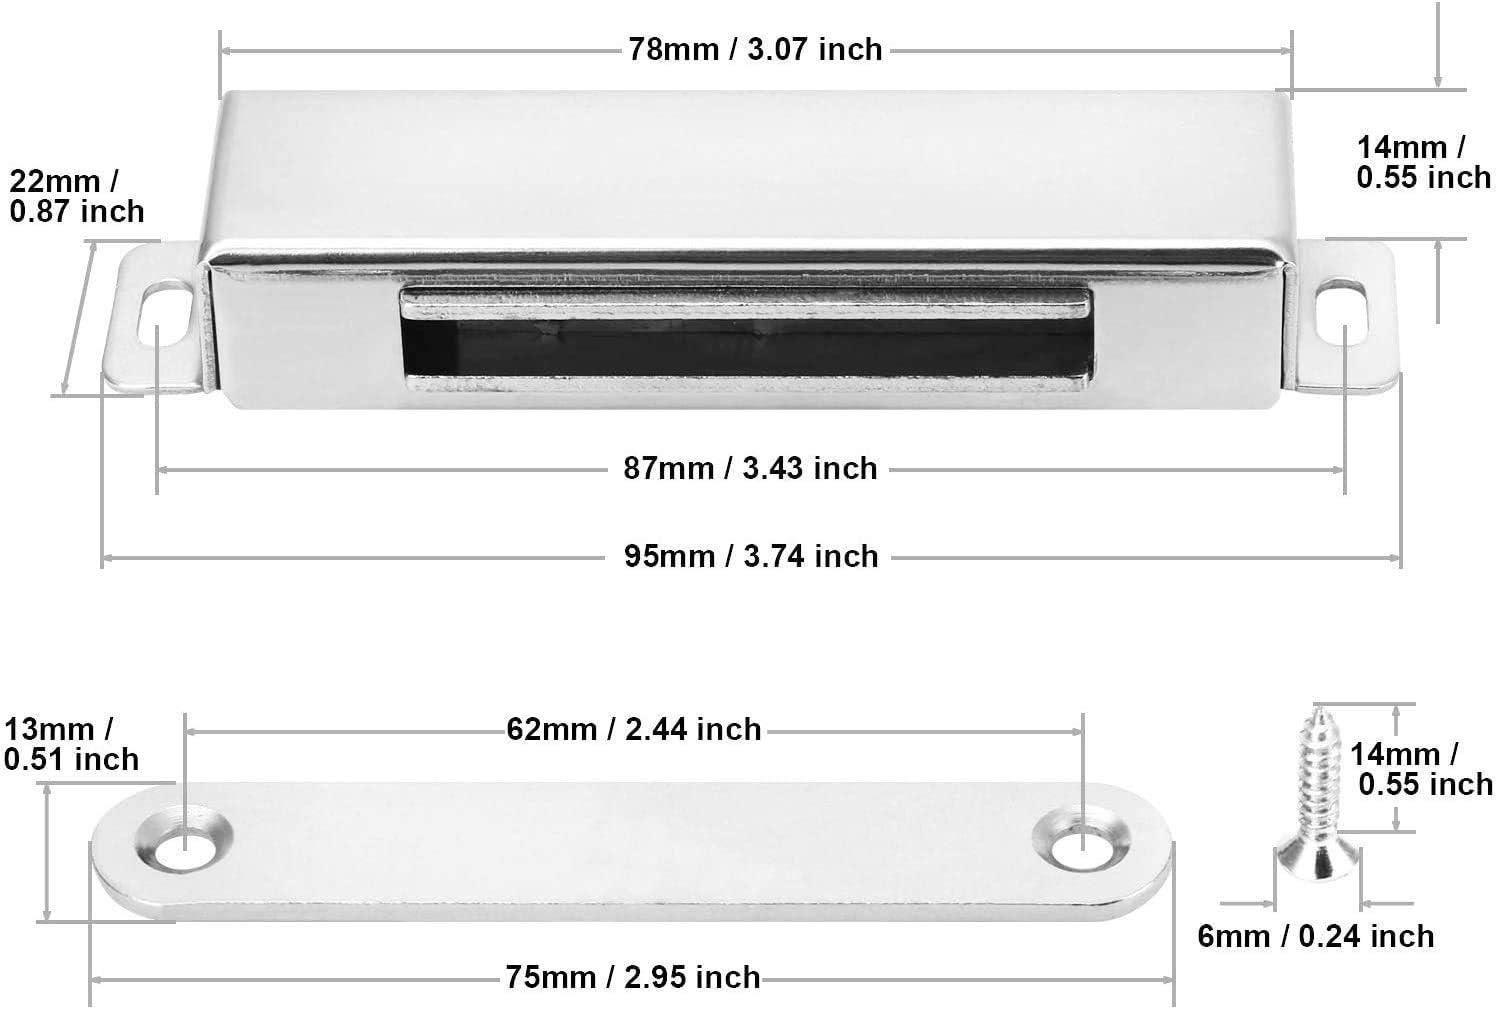 304 Edelstahl T/ürmagnet f/ür Heimm/öbel Magnetschn/äpper 2 St/ück Schrankmagnete onehous 27 kg ziehen Magnetischer T/ürriegel mit 8 Schrauben K/üche Kleiderschrank